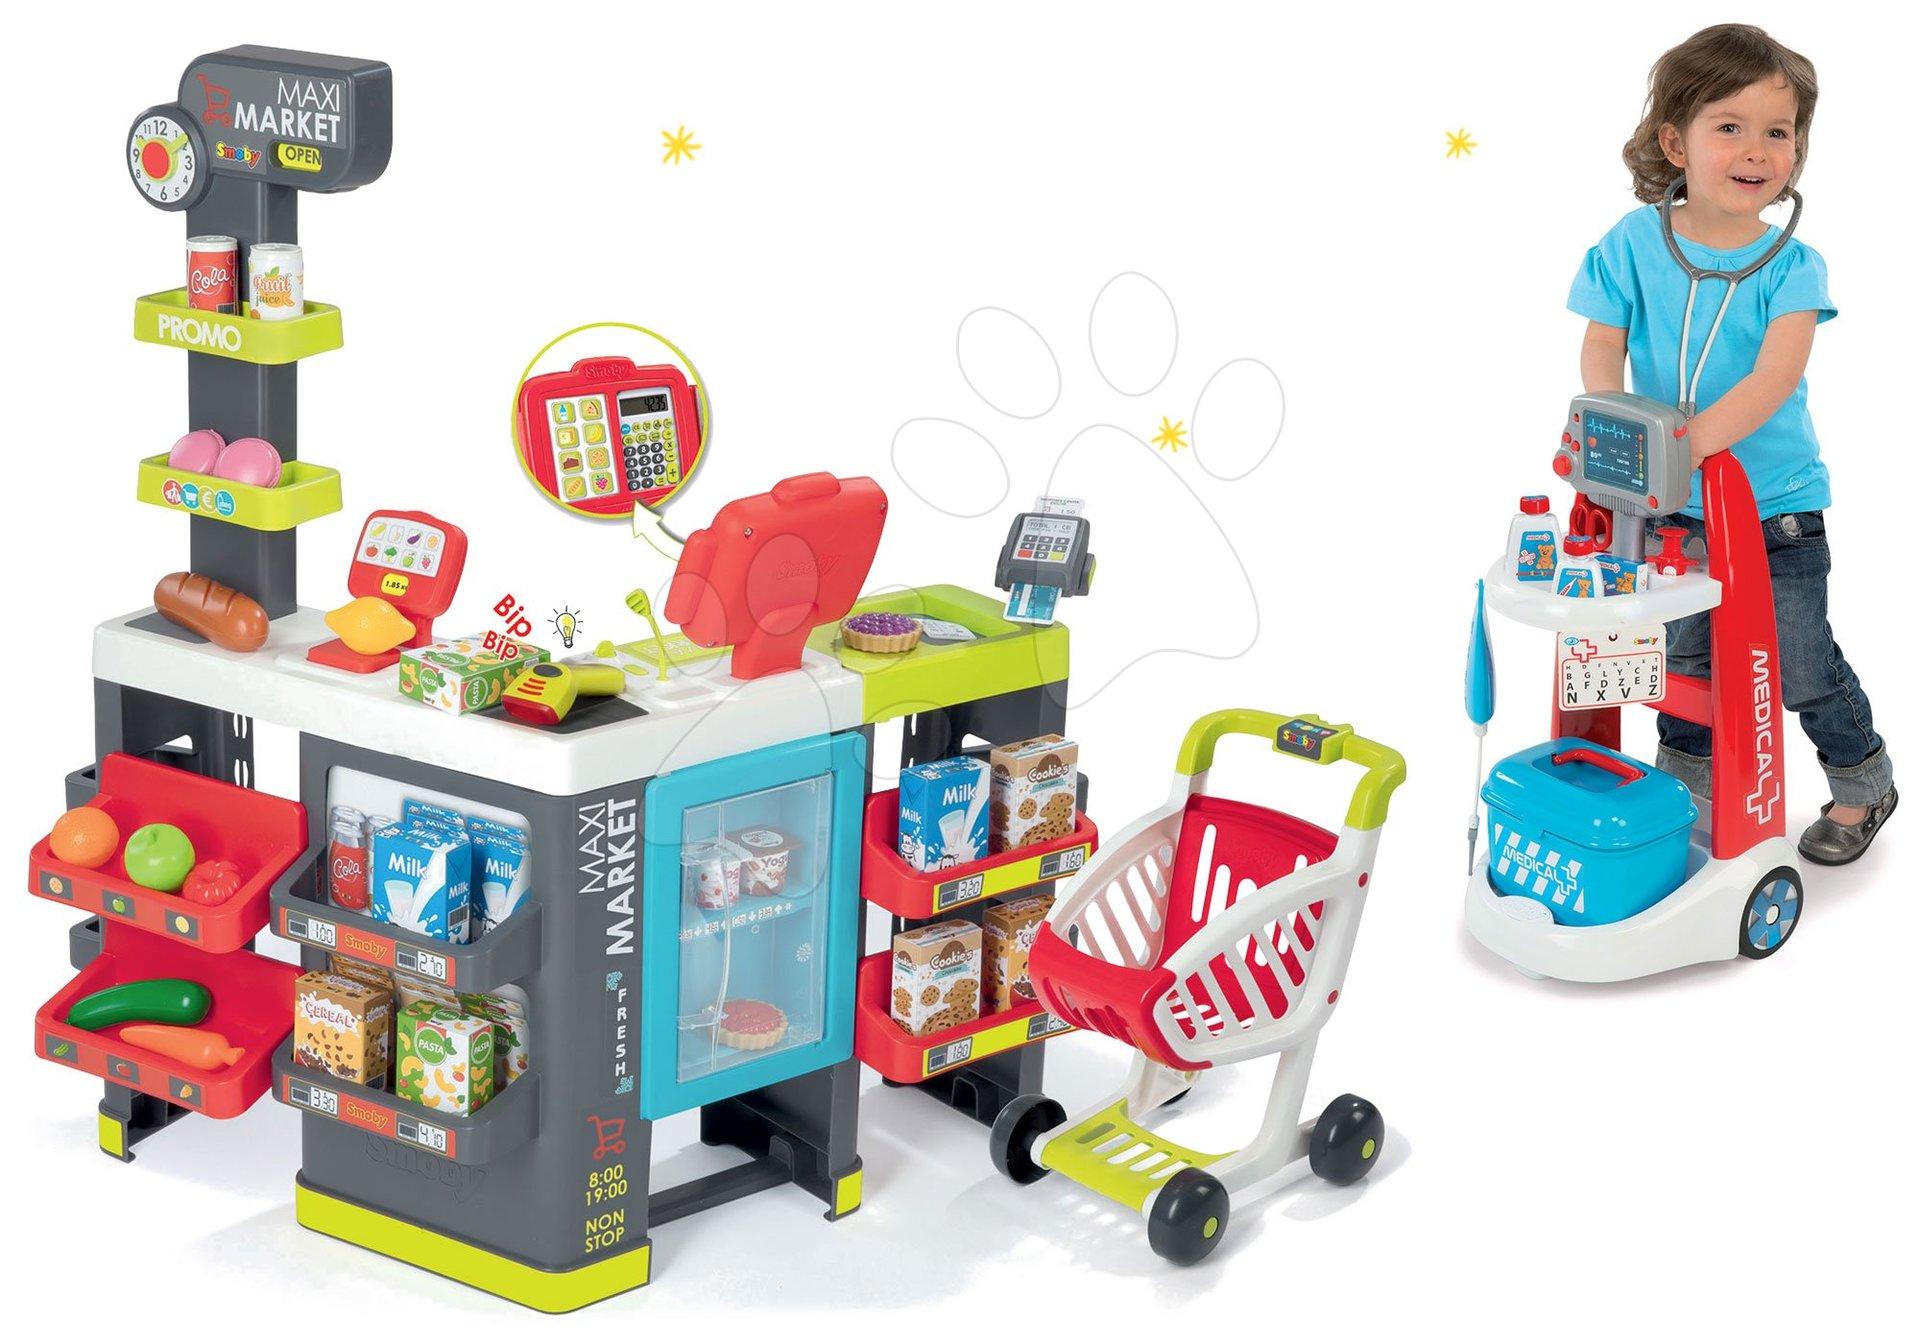 Smoby set obchod zmiešaný tovar Maximarket a lekársky vozík Medical elektronický 350215-13